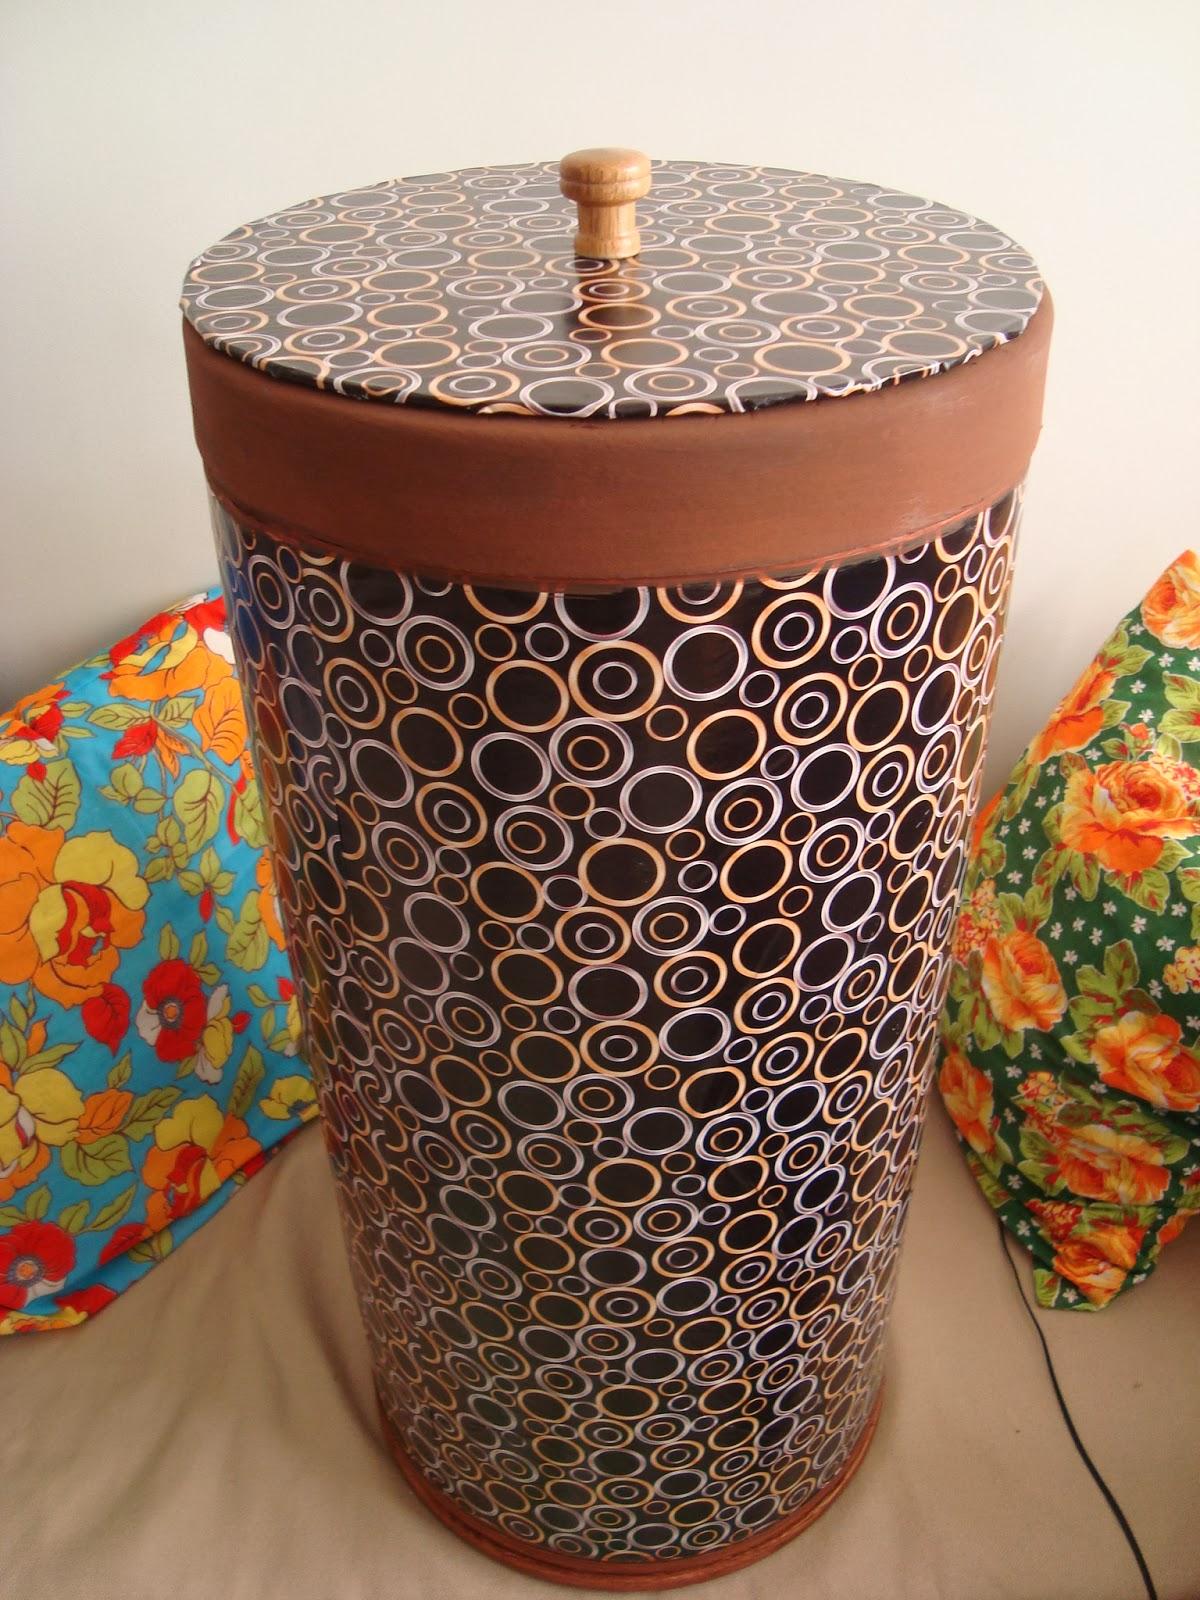 de papelão reciclada se transforma em baú ou cesto de roupas